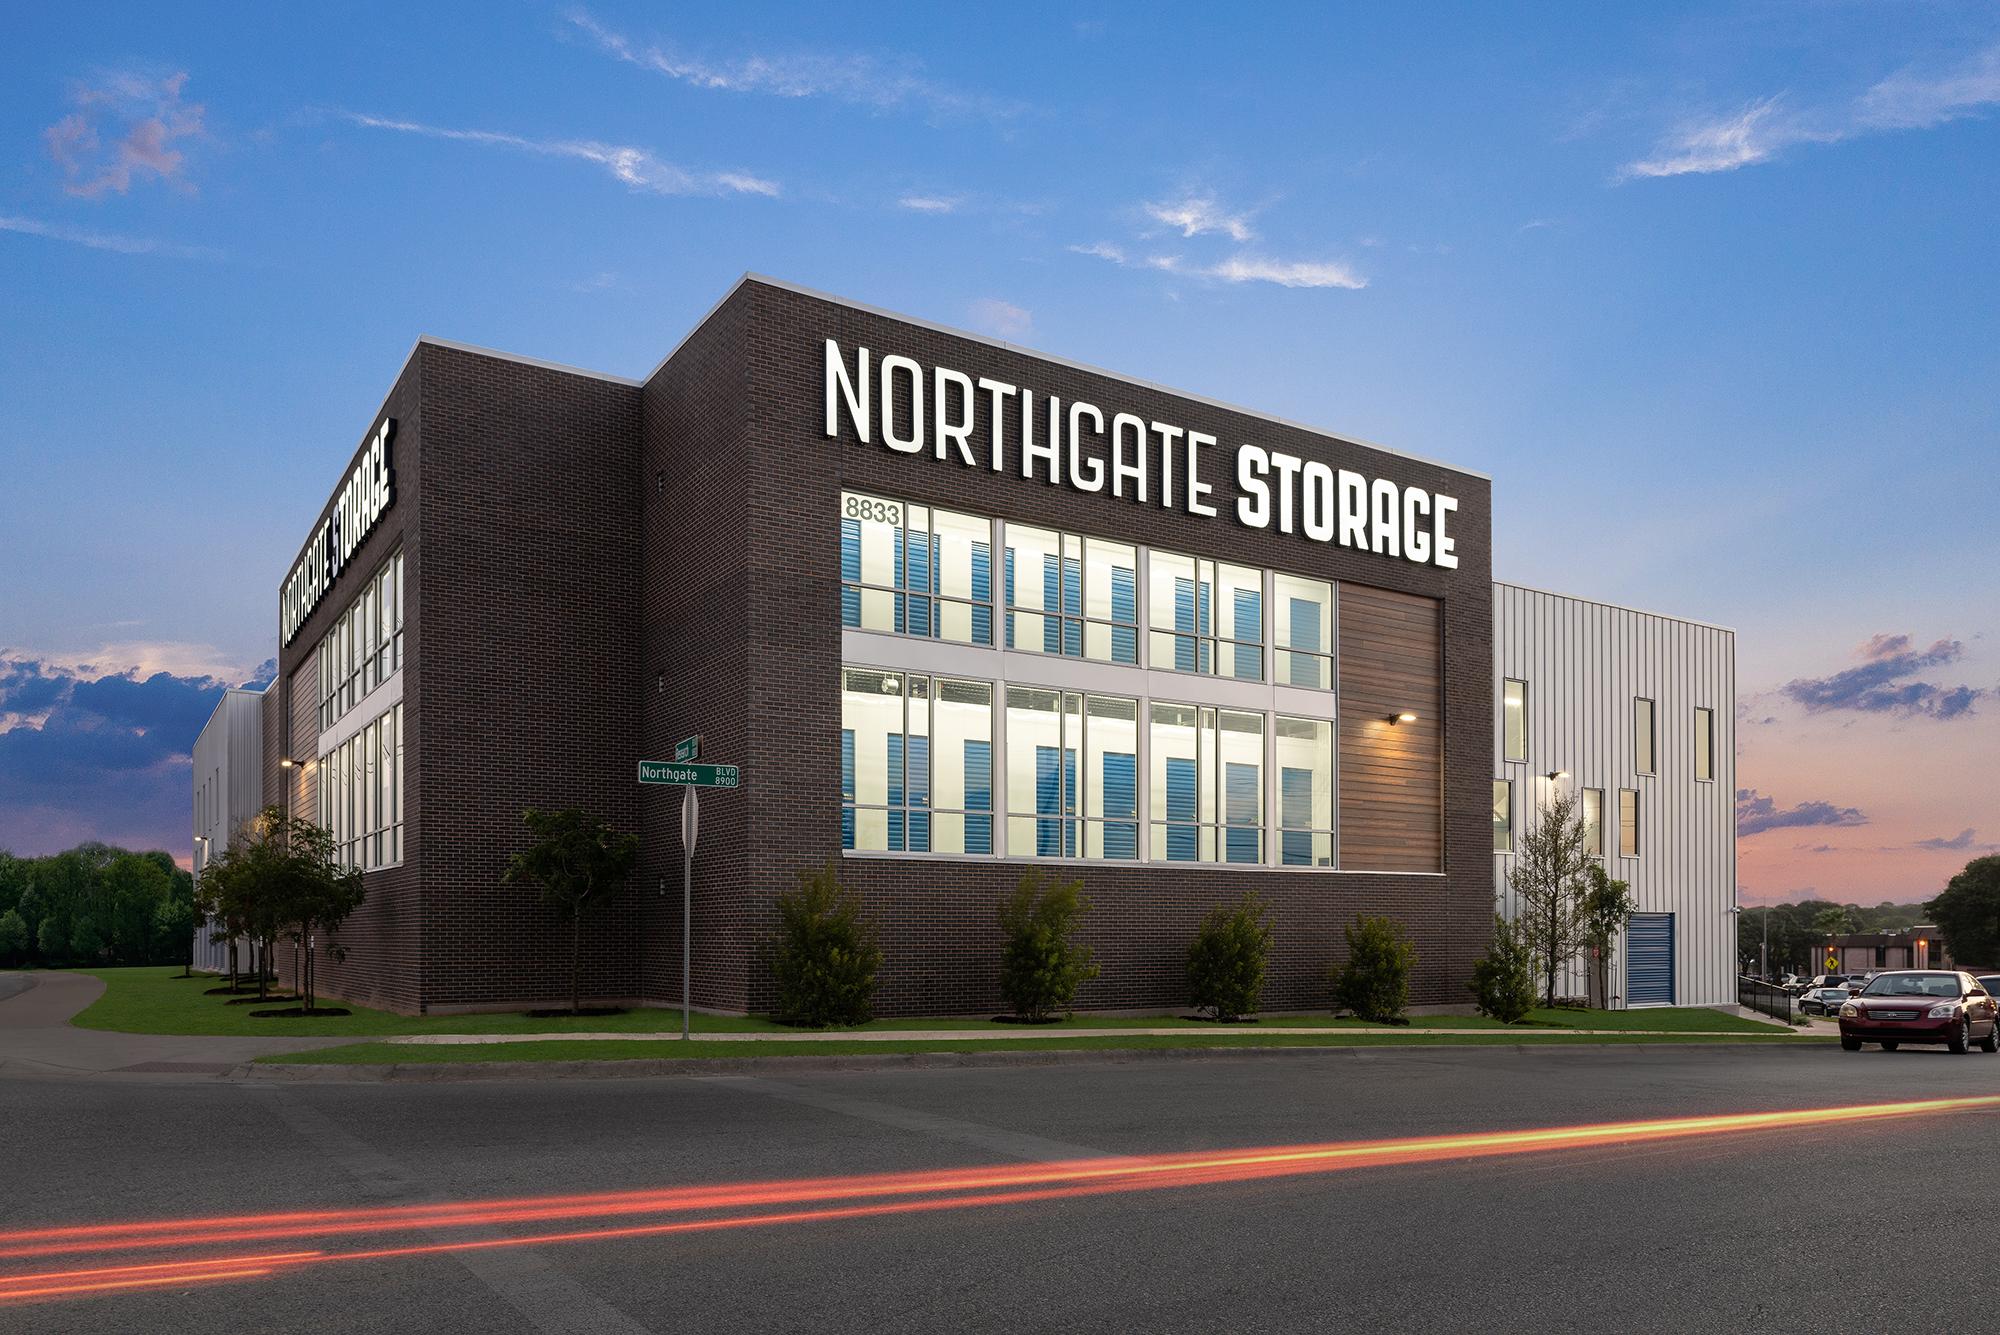 Northgate Storage